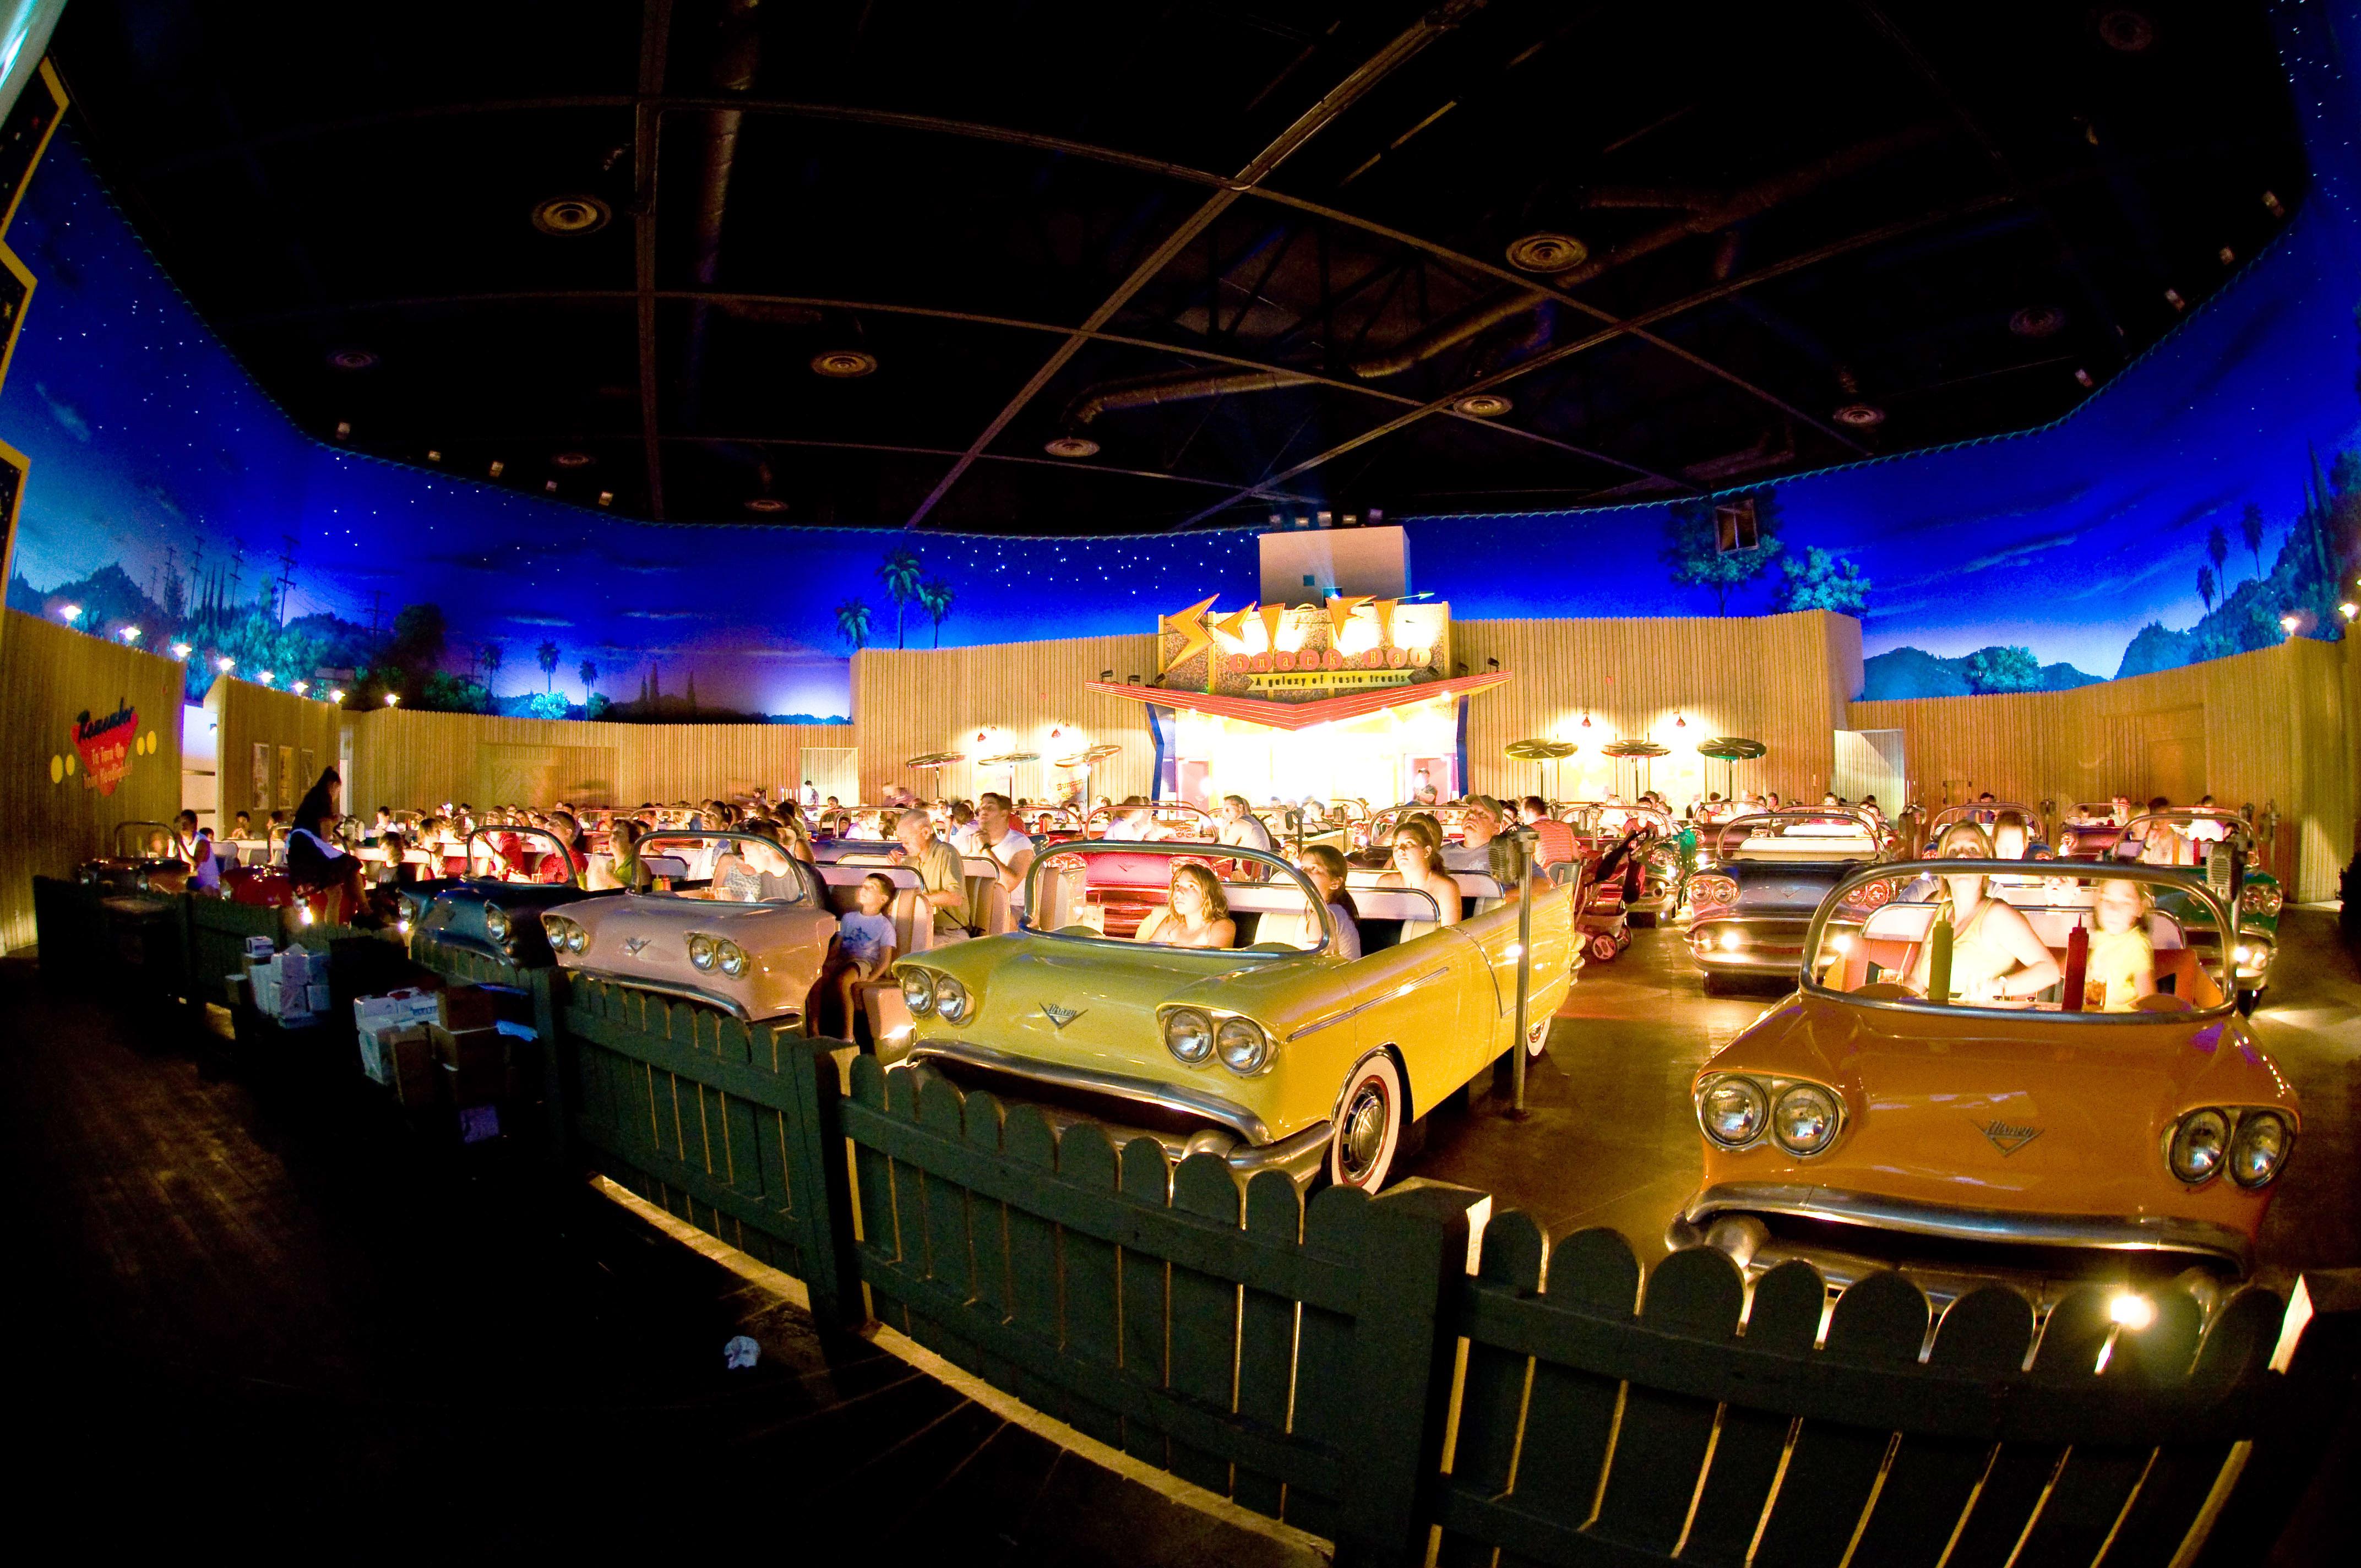 Sci-fi кинотеатр-ресторан, Студия Дисней в Голливуде, США